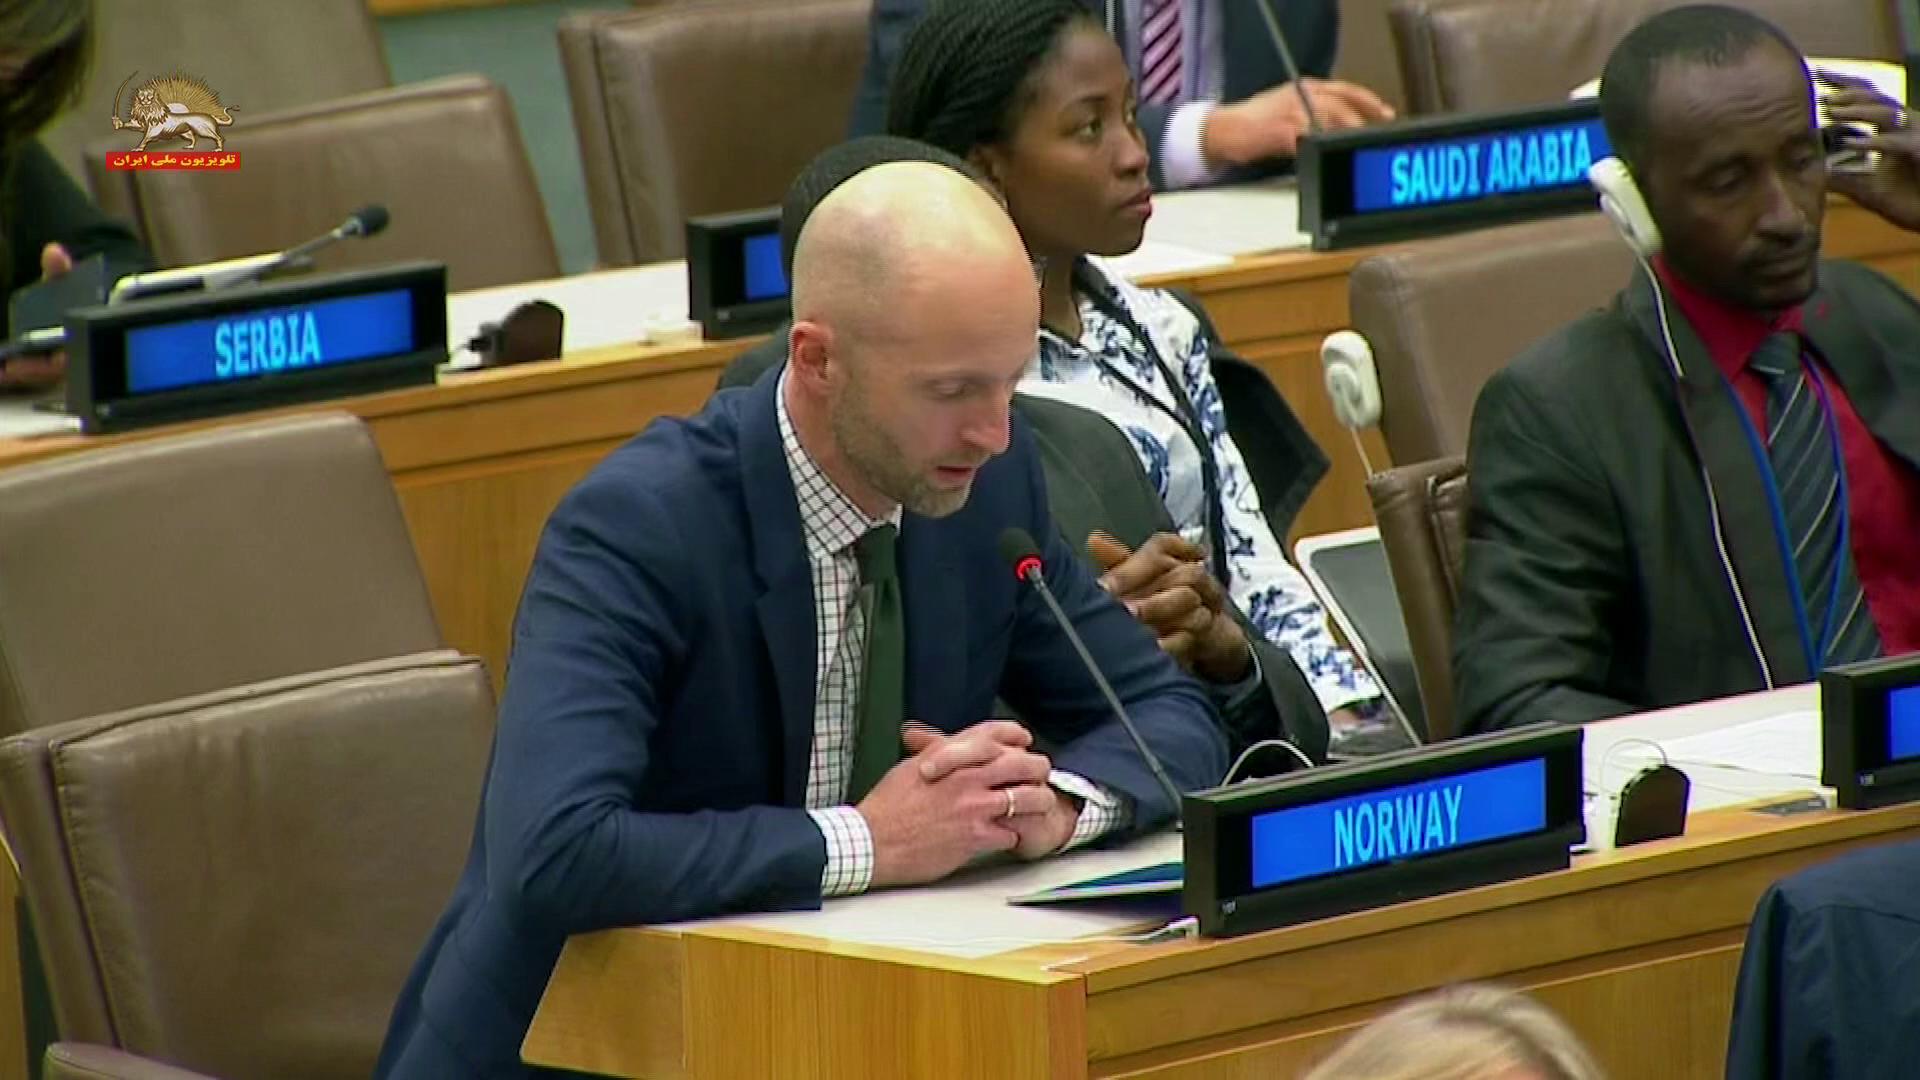 نماینده نروژ در اجلاس کمیتهٴ سوم مجمع عمومی